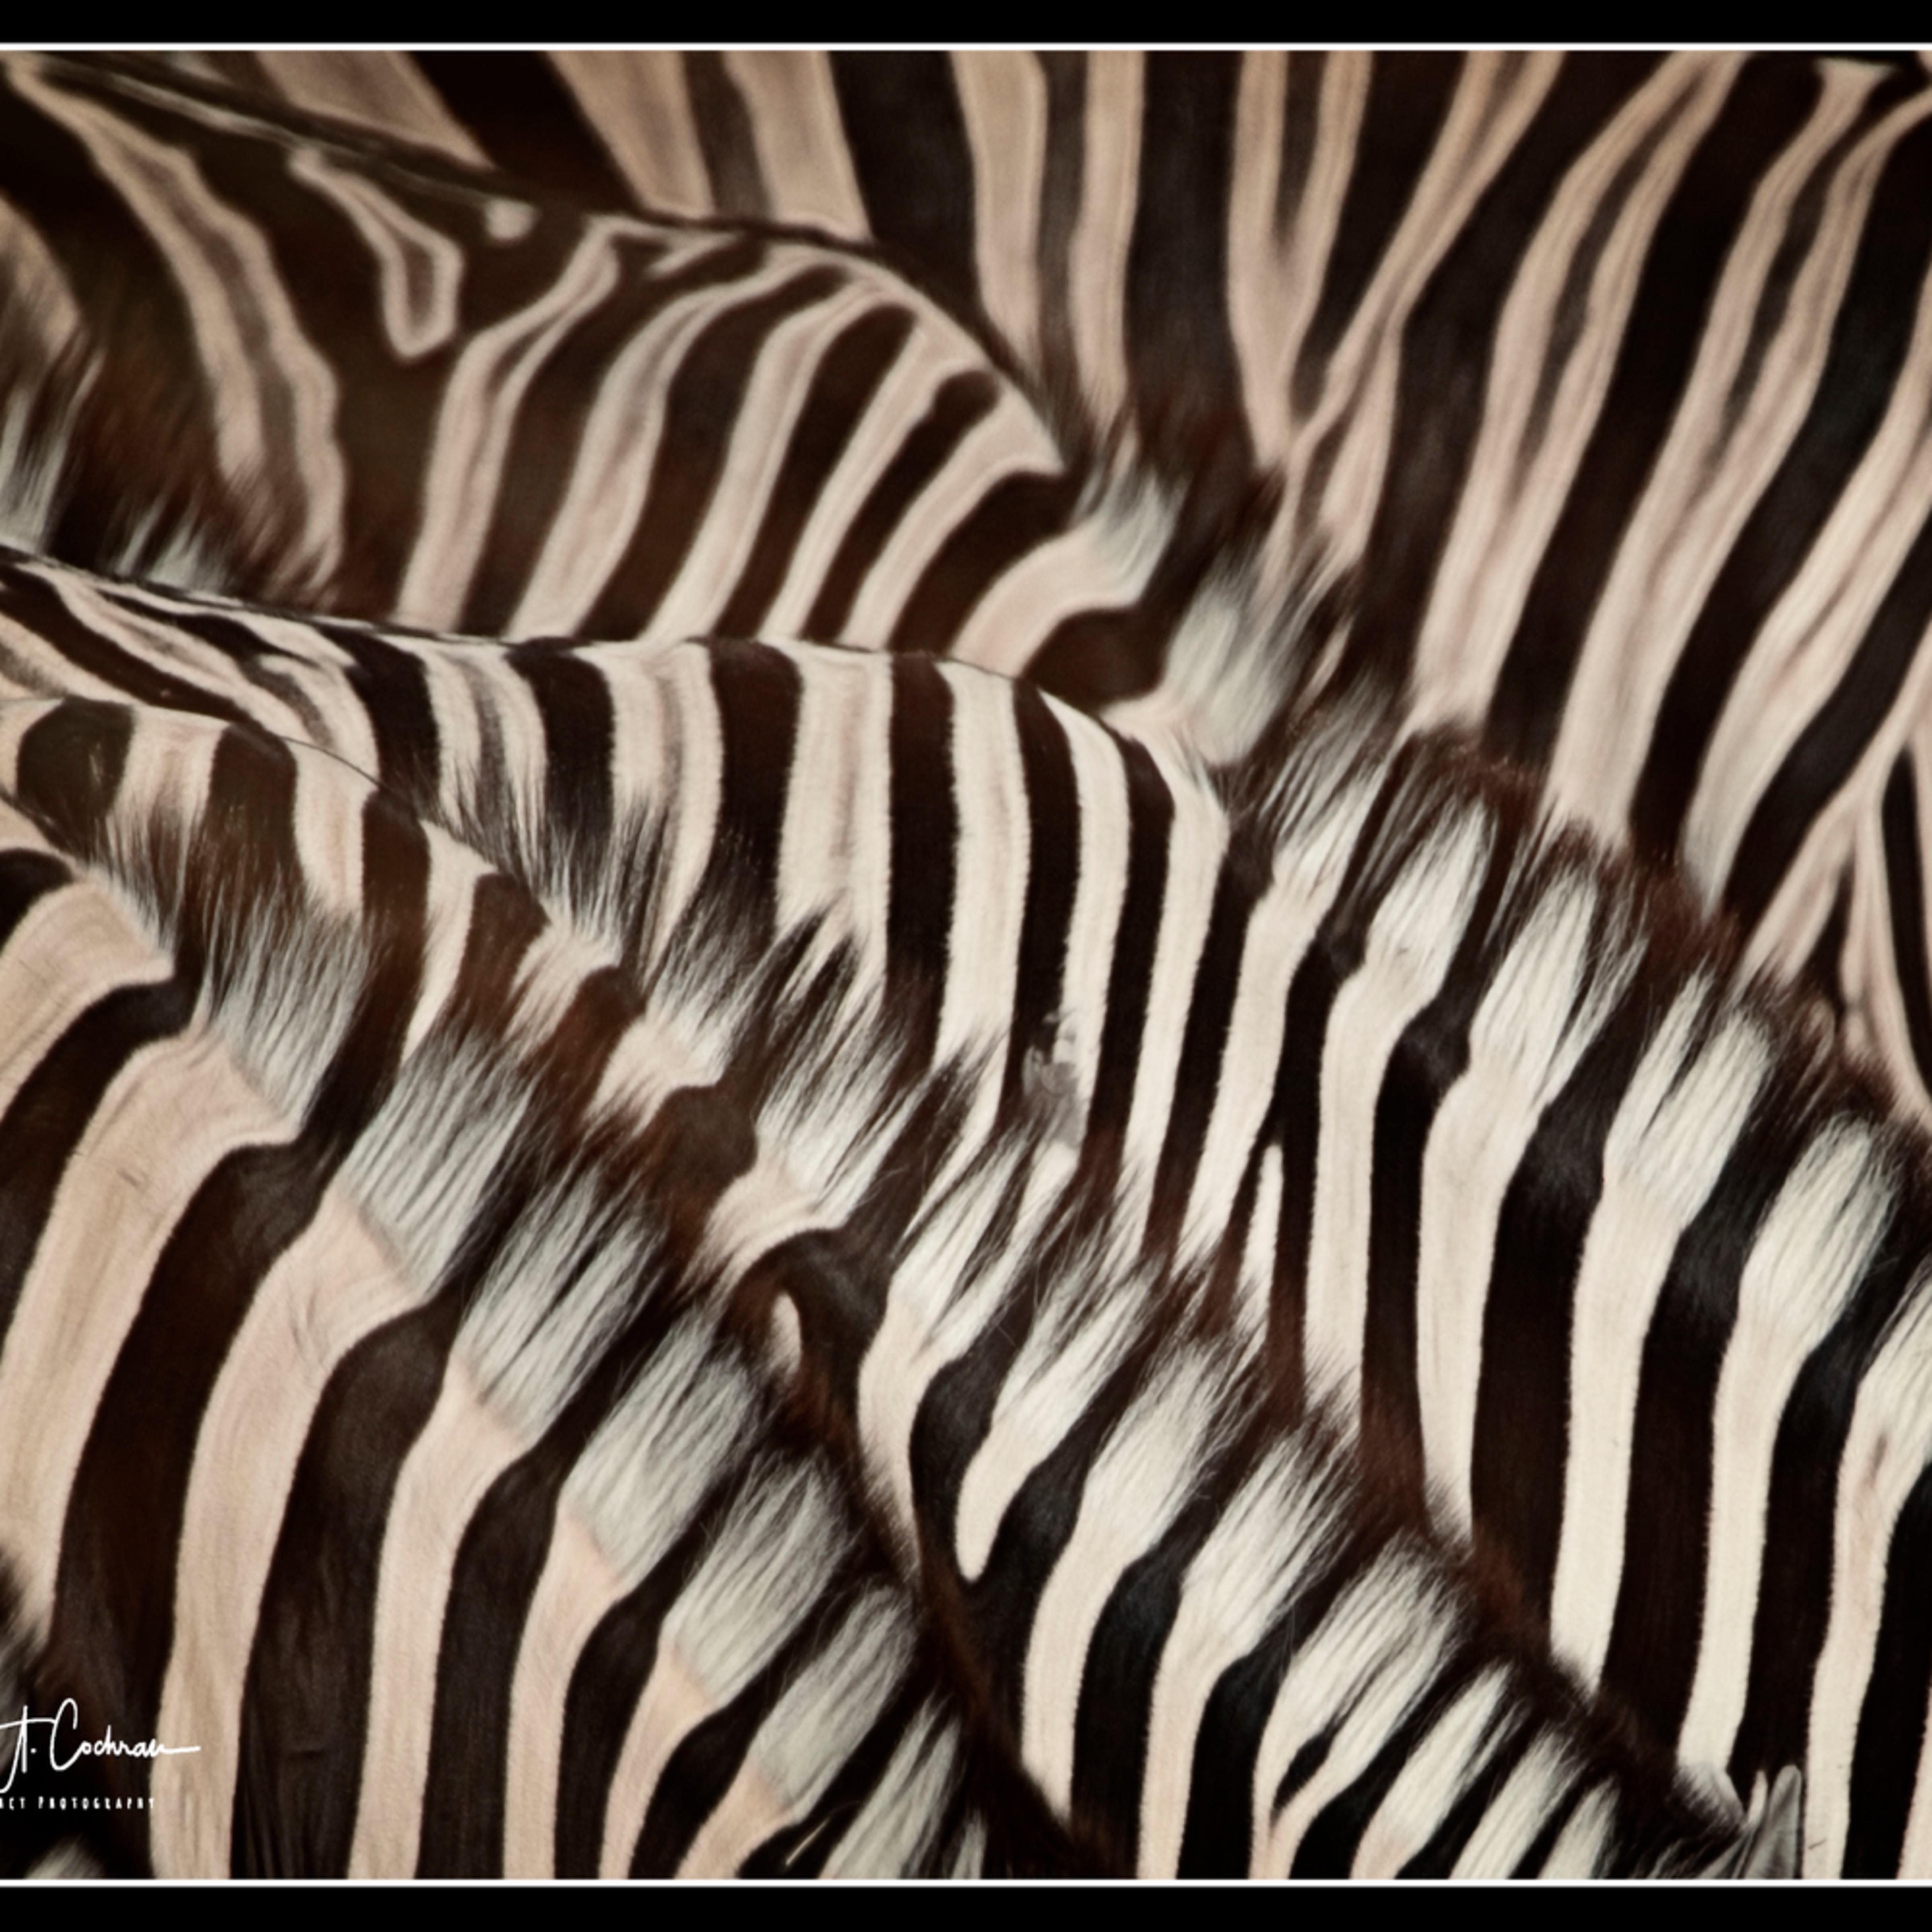 Lonely stripes hvssxj